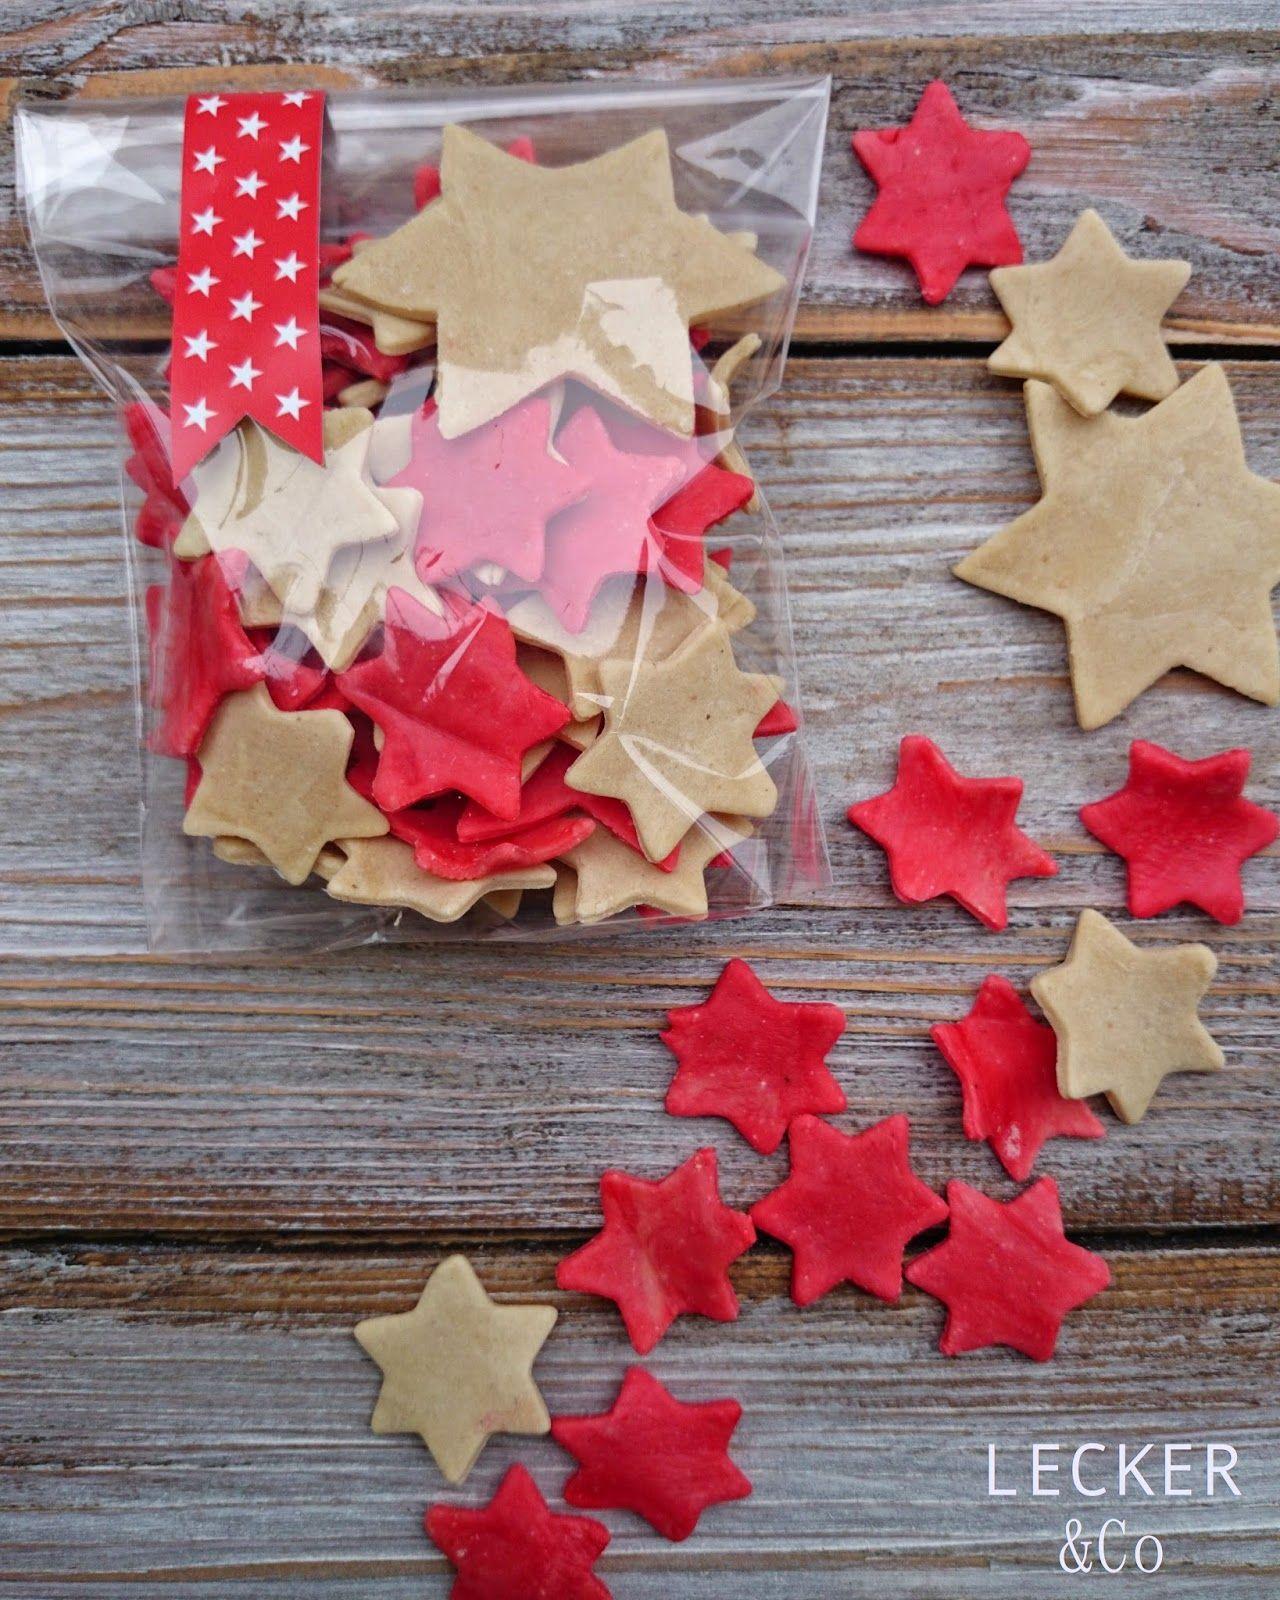 lecker & co Sternchen Nudeln selbstgemachte Pasta · Kleine Geschenke